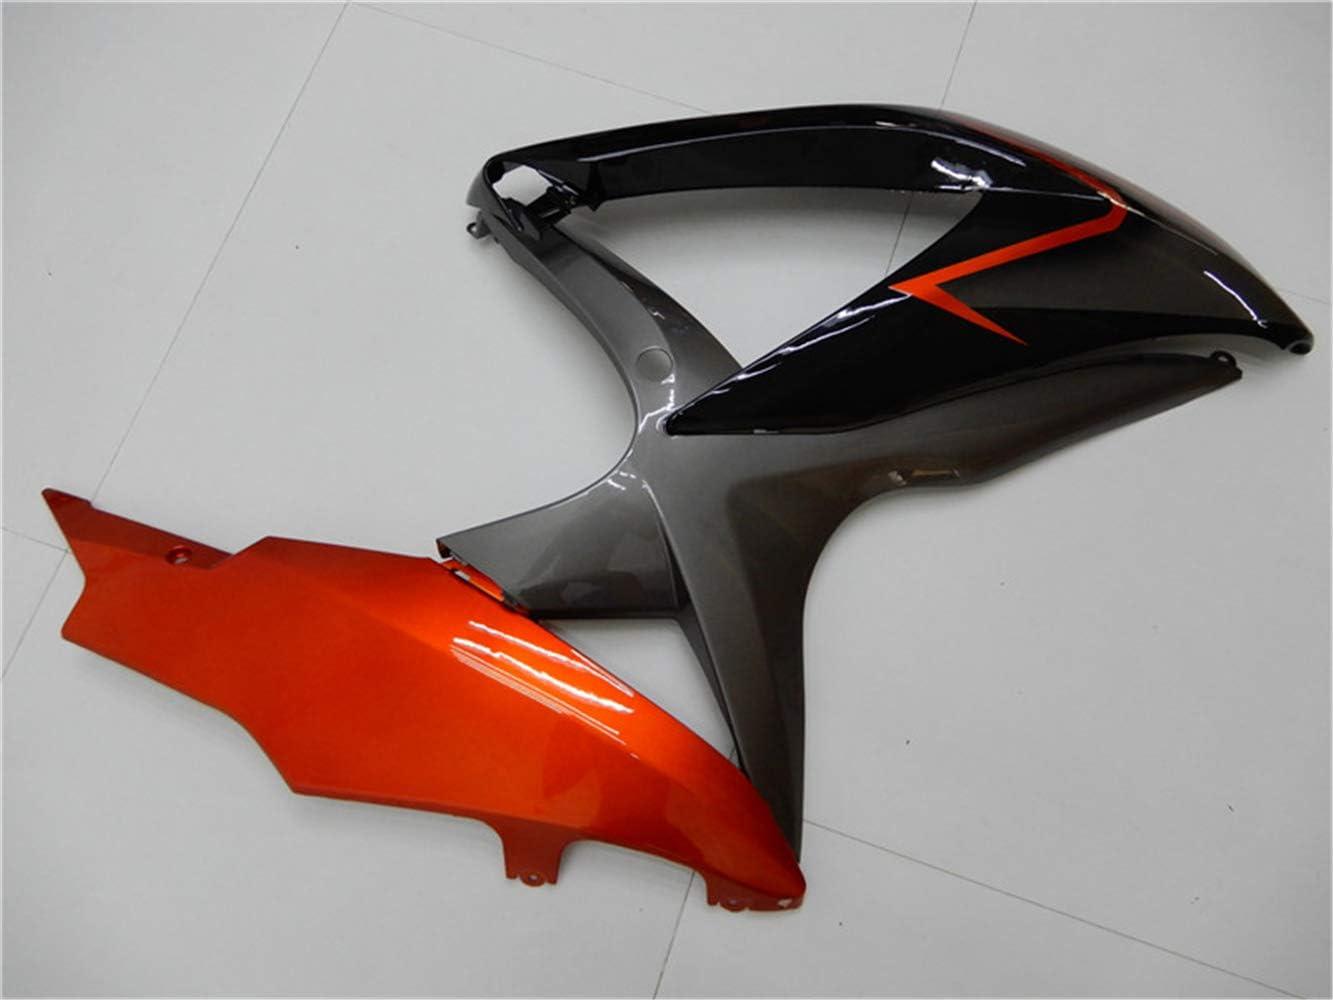 New White Black Fairing Fit for SUZUKI 2008 2009 2010 GSXR 600 750 Injection Mold ABS Plastics Bodywork Bodyframe 08 09 10